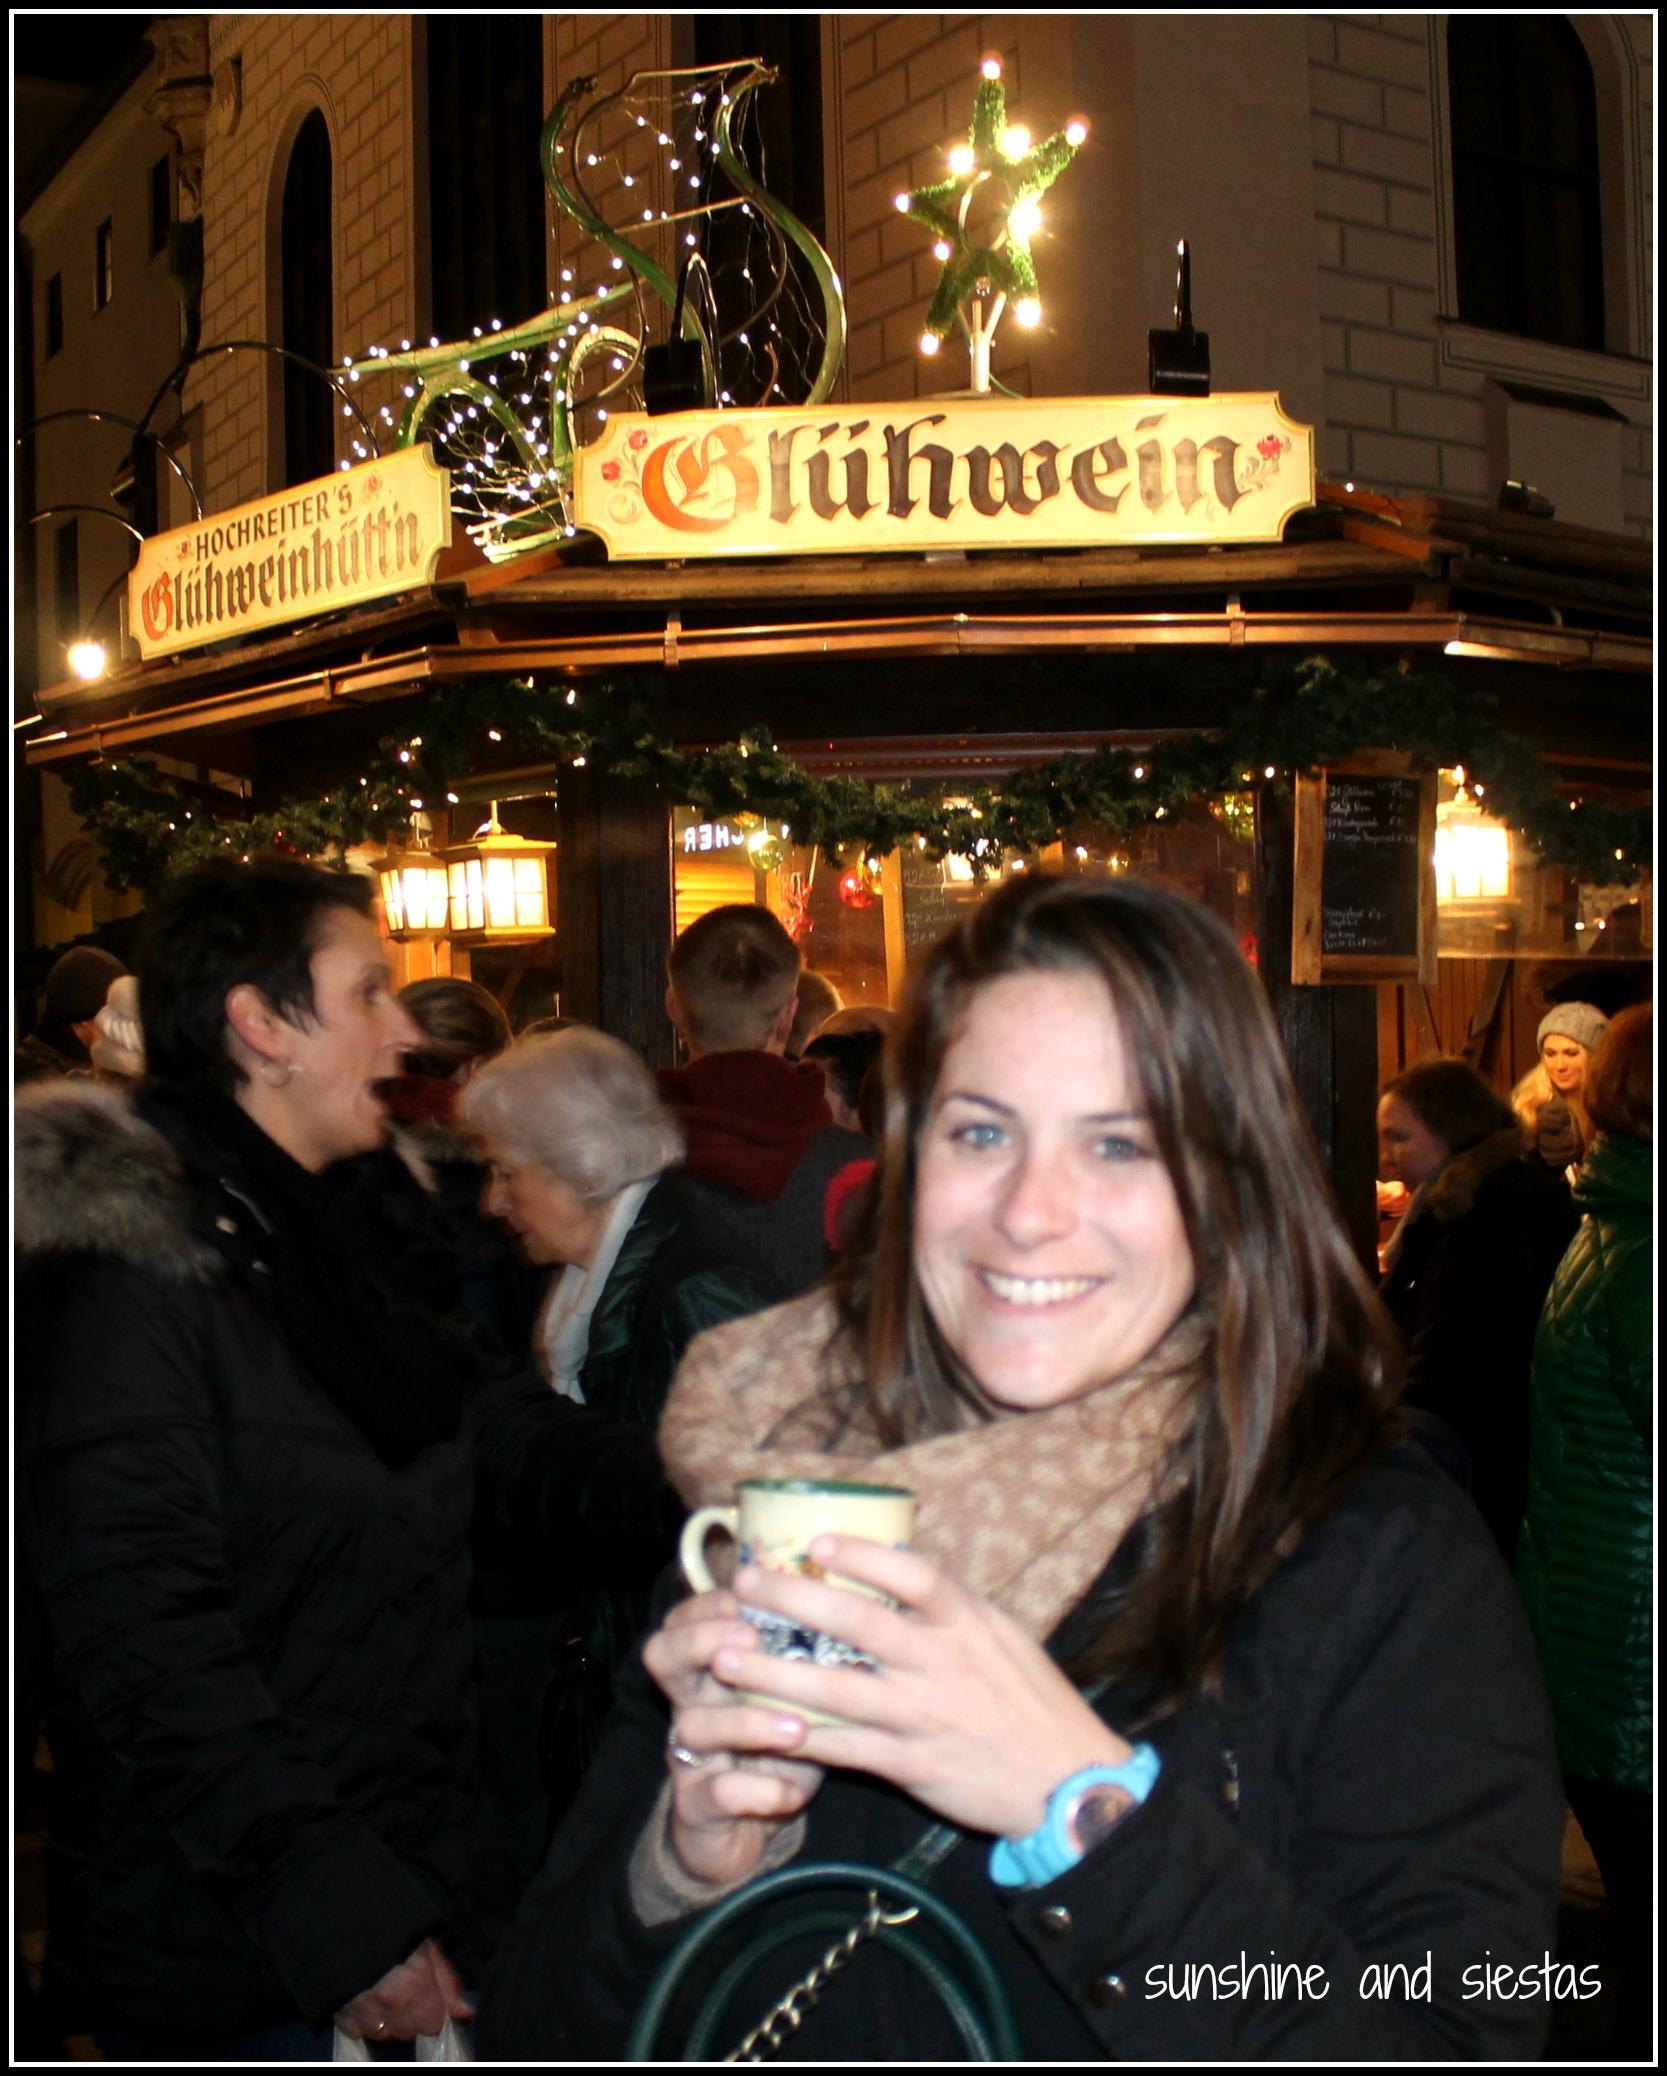 munich christmas market gluhwein